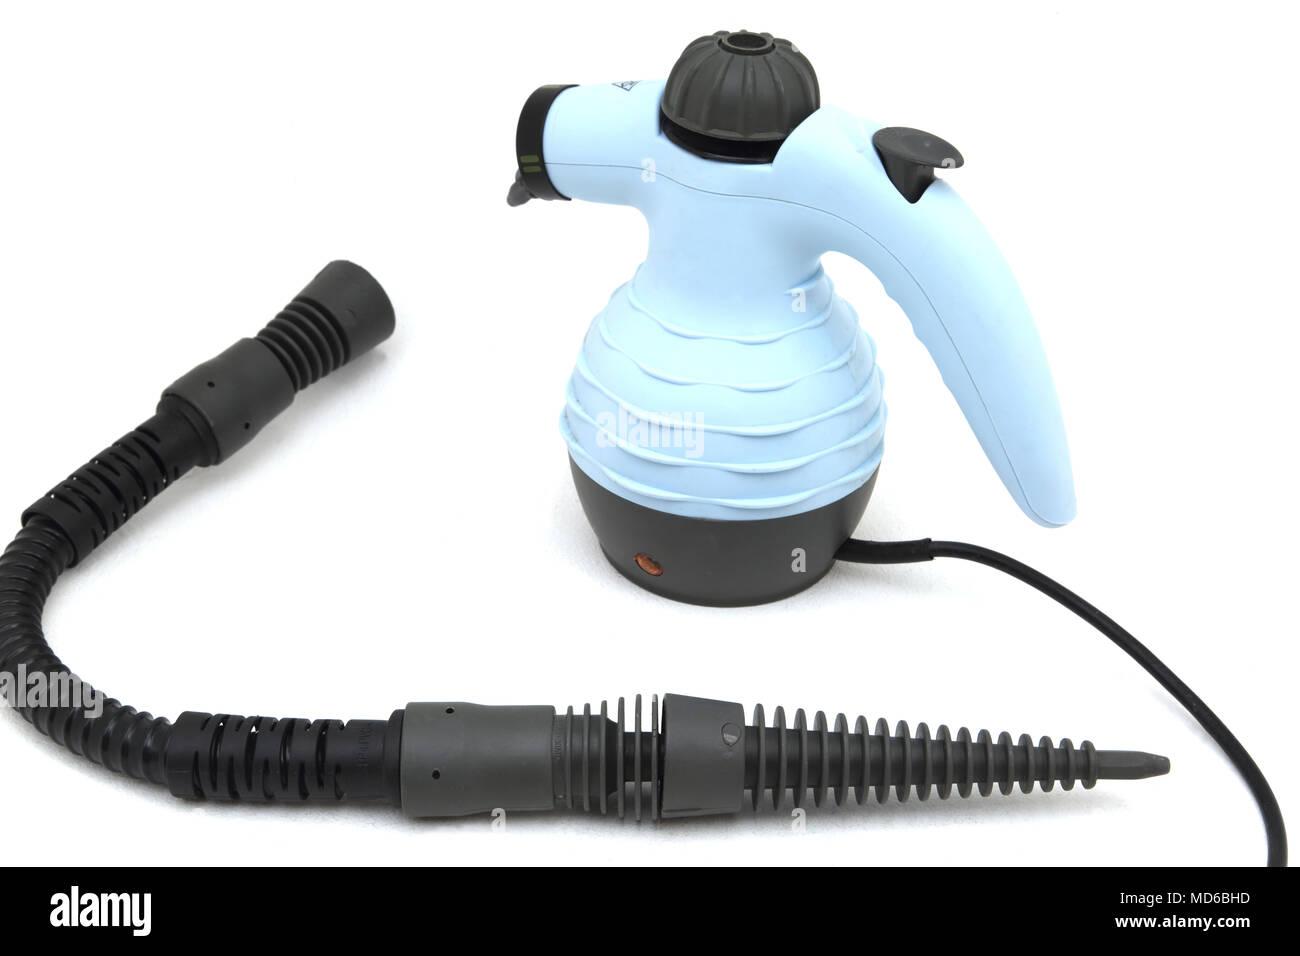 Handheld Carpet Cleaner For Srs Carpet Vidalondon